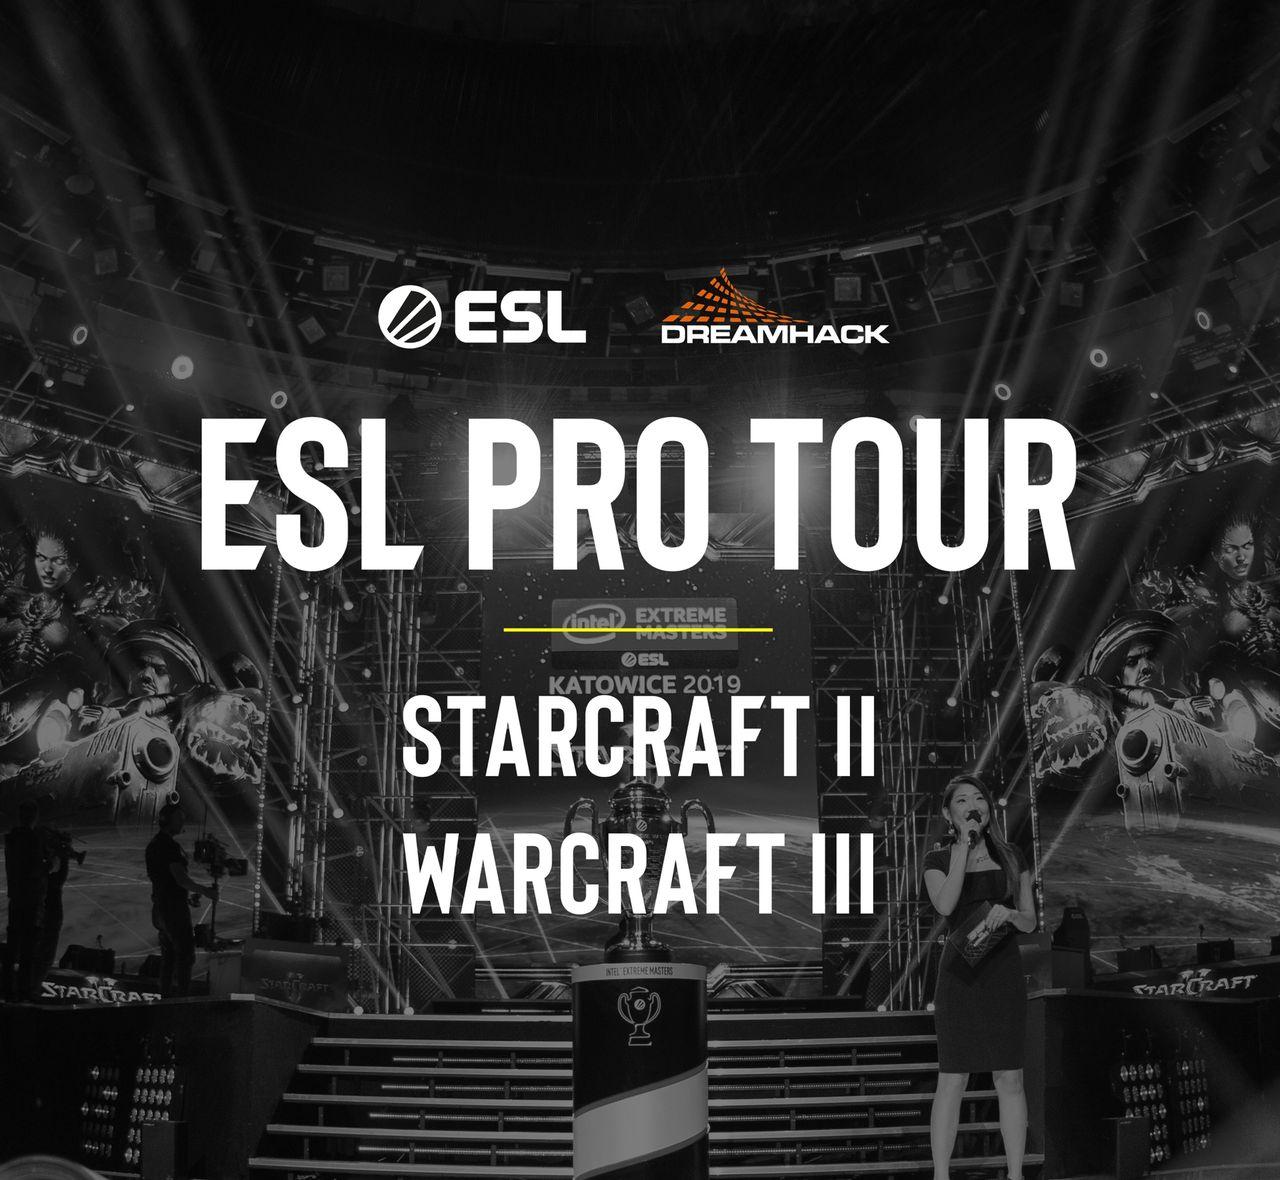 Blizzard, ESL och DreamHack drar igång ESL Pro Tour